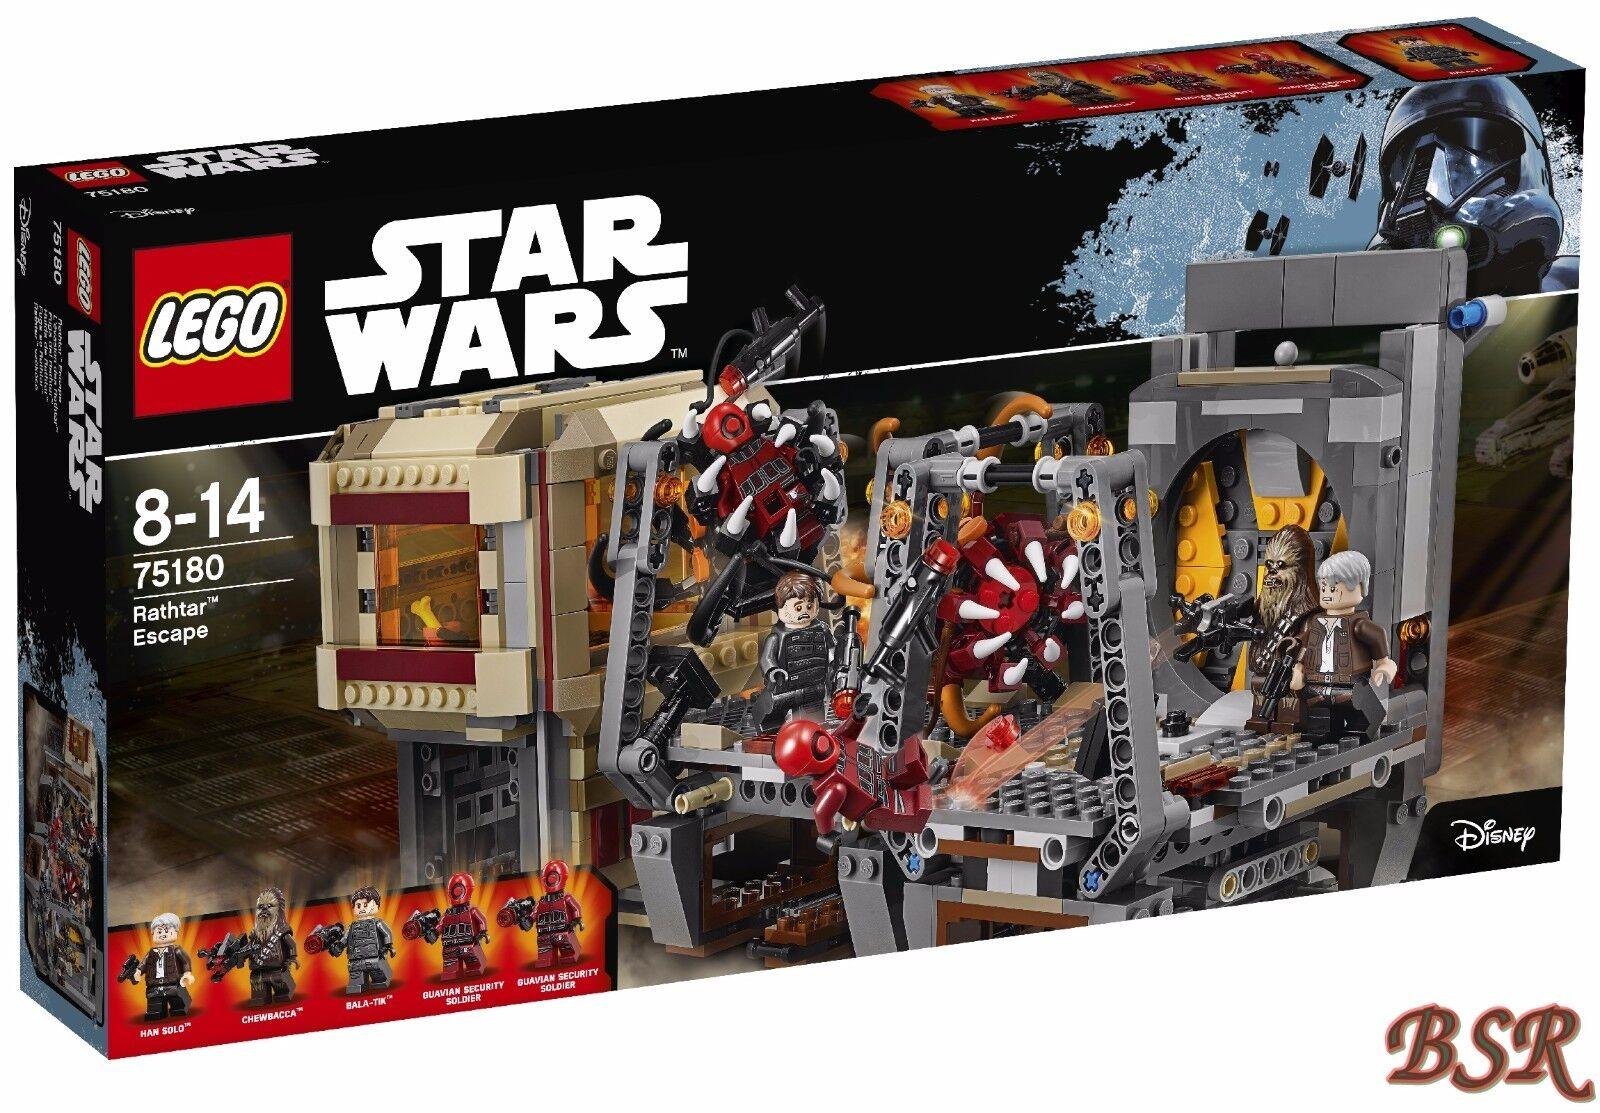 LEGO ® Star Wars ™: 75180 rathtar ™ Escape & 0.€ Spedizione & Scatola Originale & Nuovo